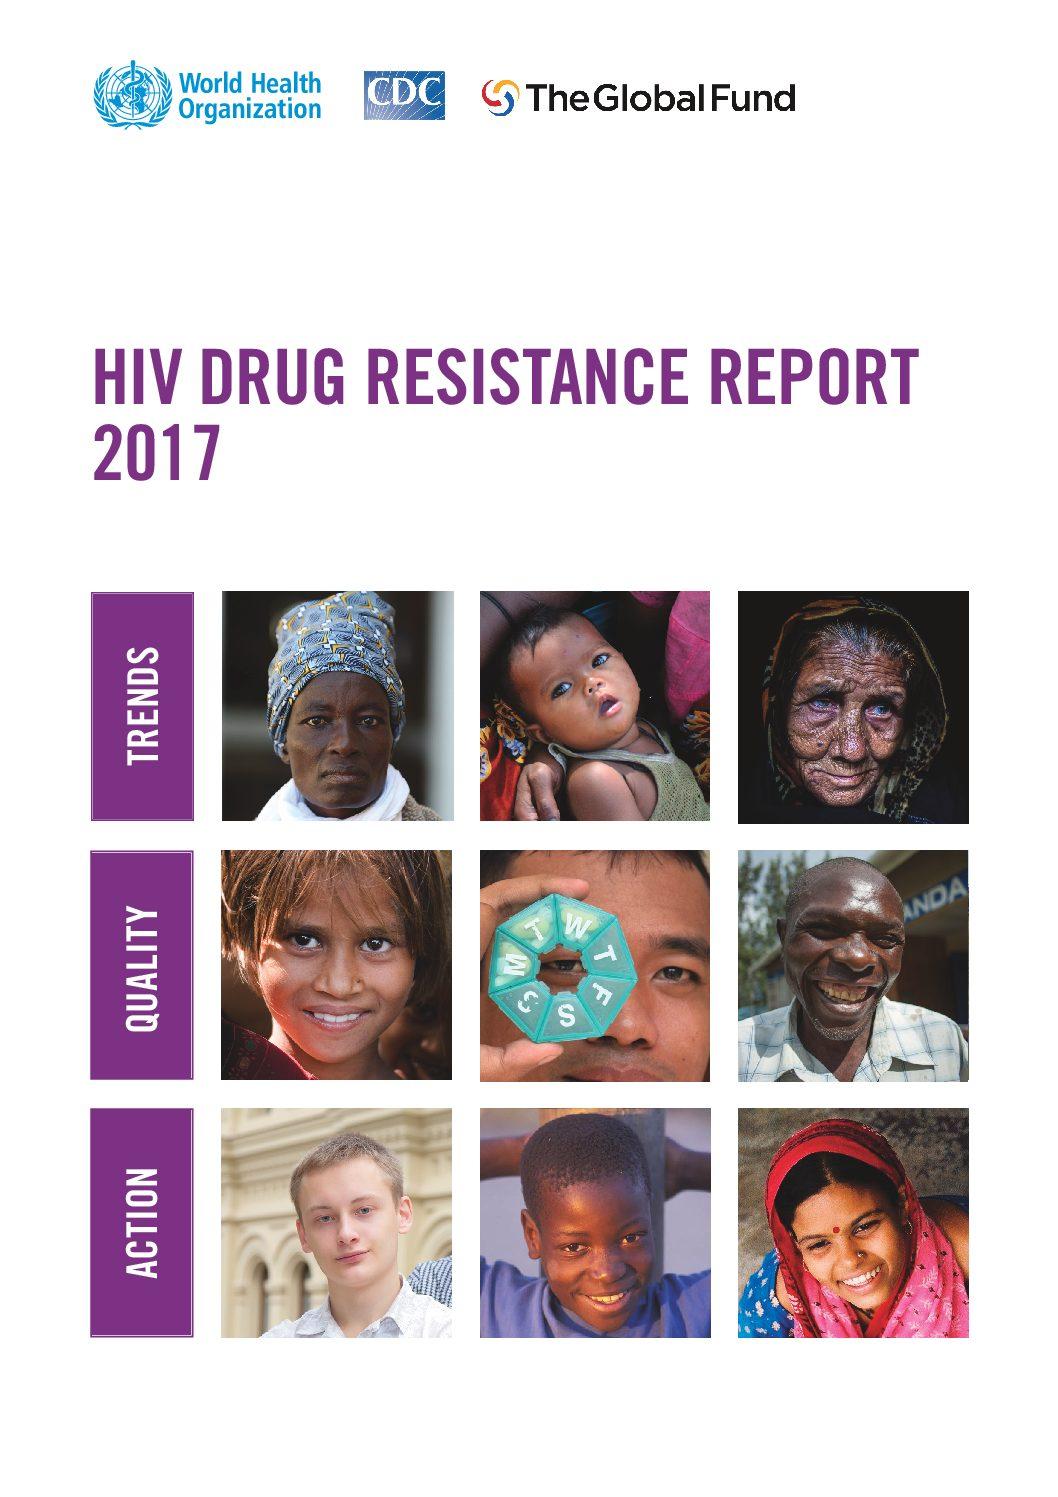 HIV drug resistance report 2017